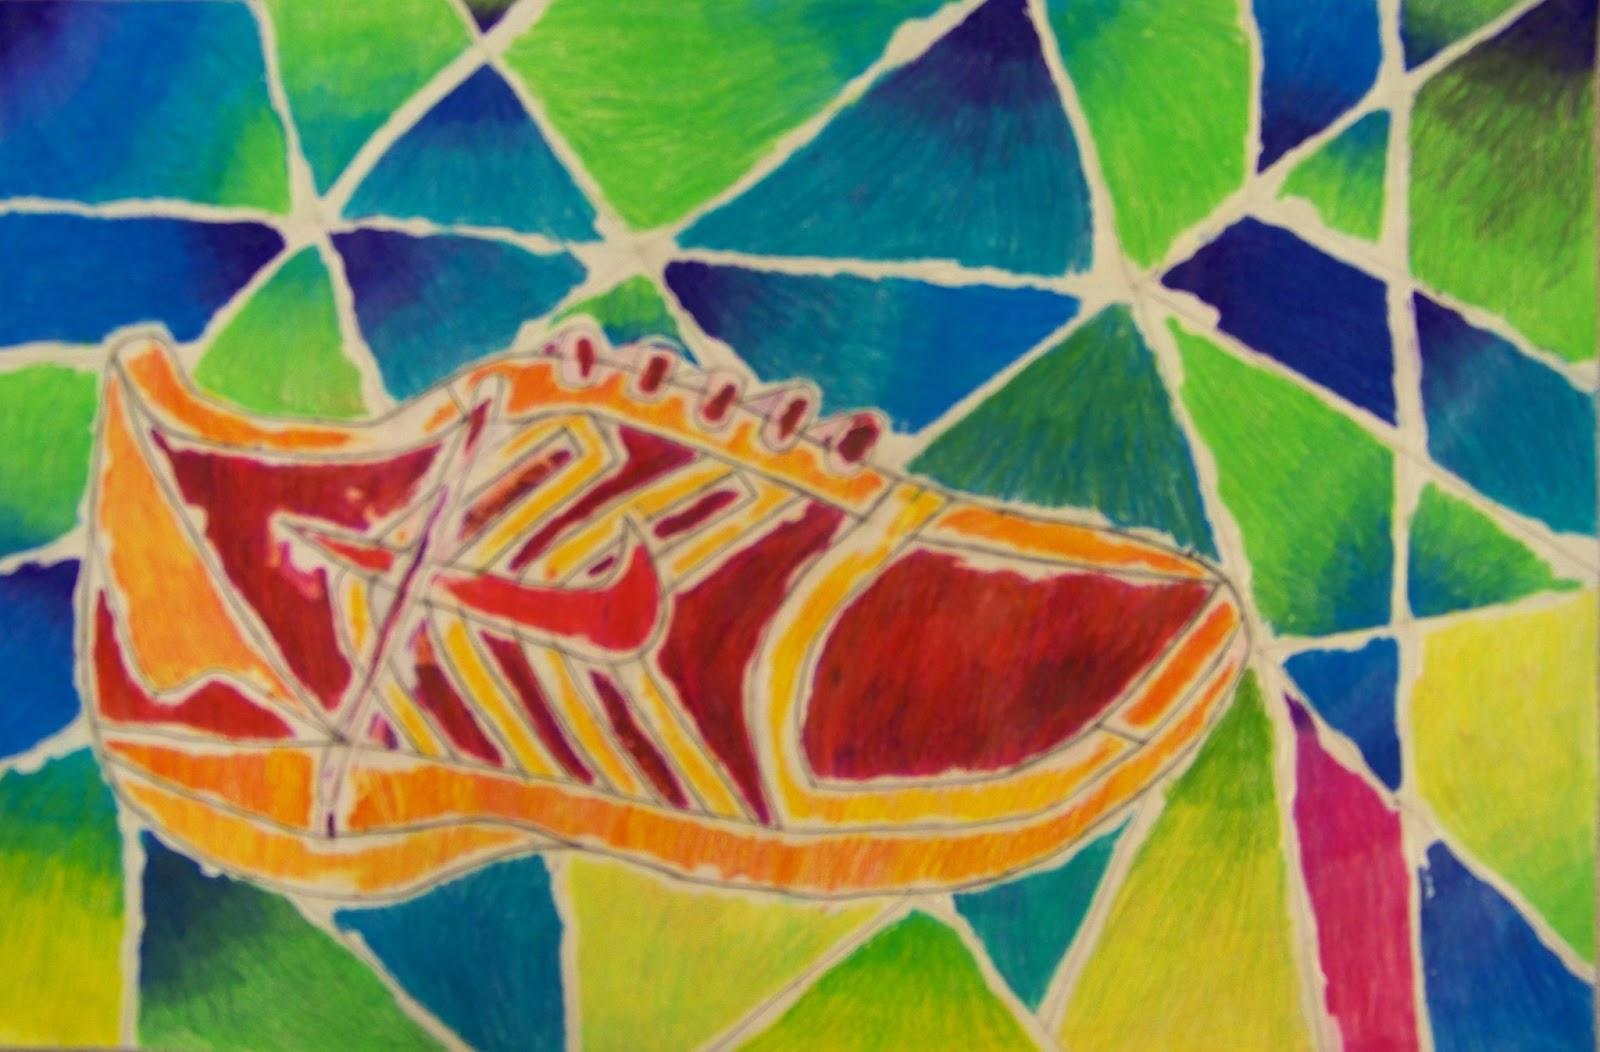 Contour Line Drawing Shoes Lesson Plan : The lost sock : glue shoe multi media contour line